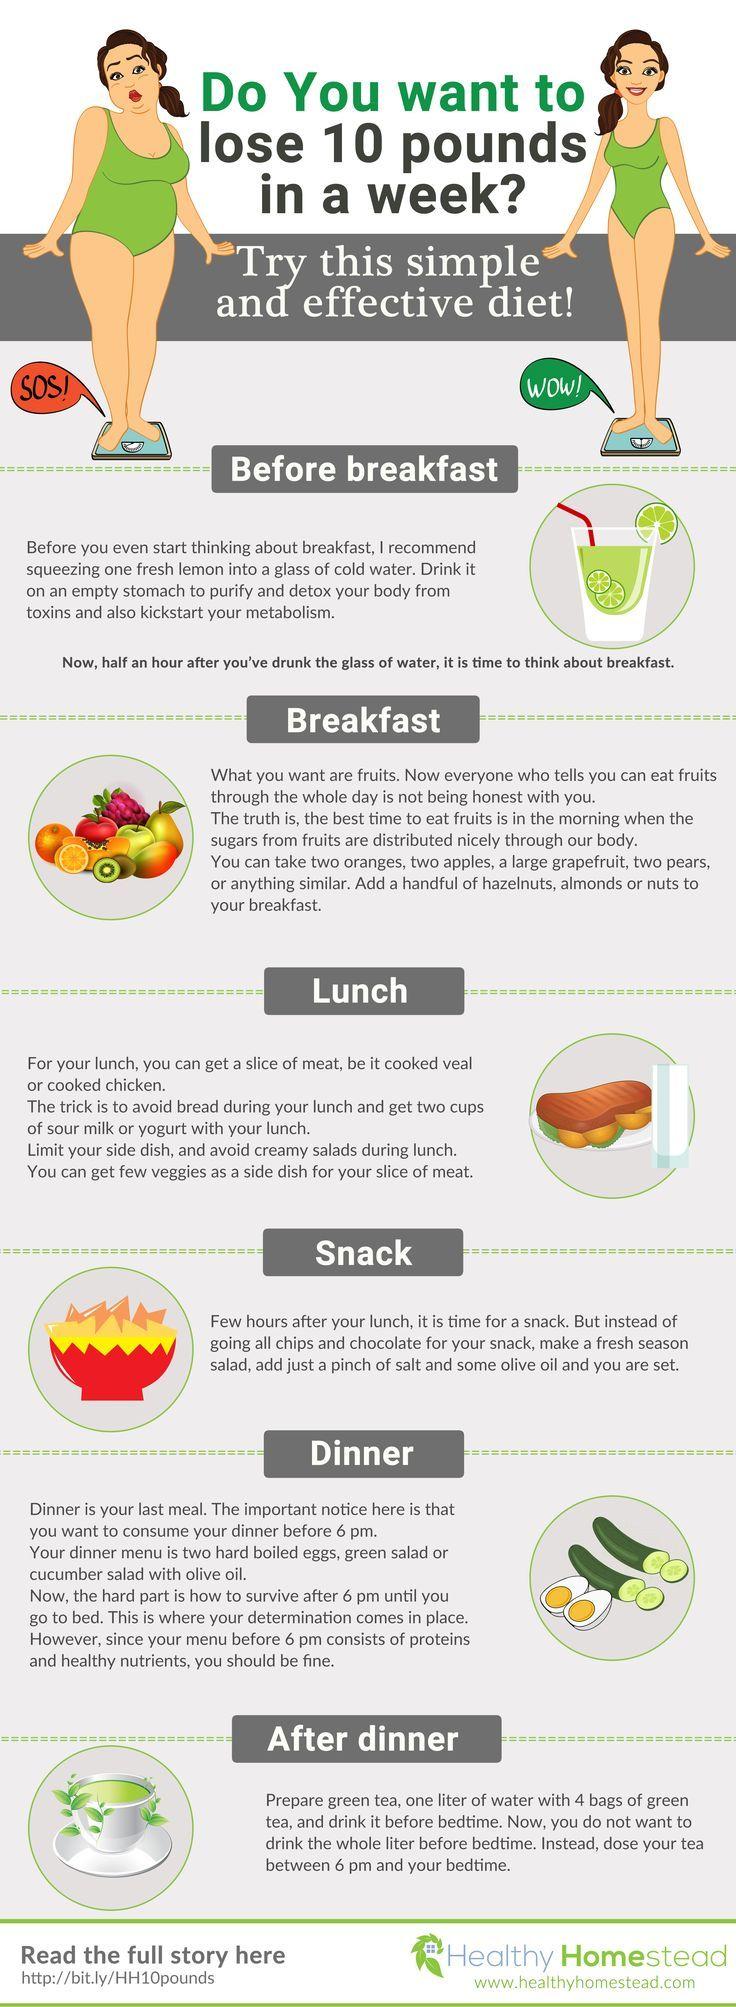 Will becoming vegan make me lose weight